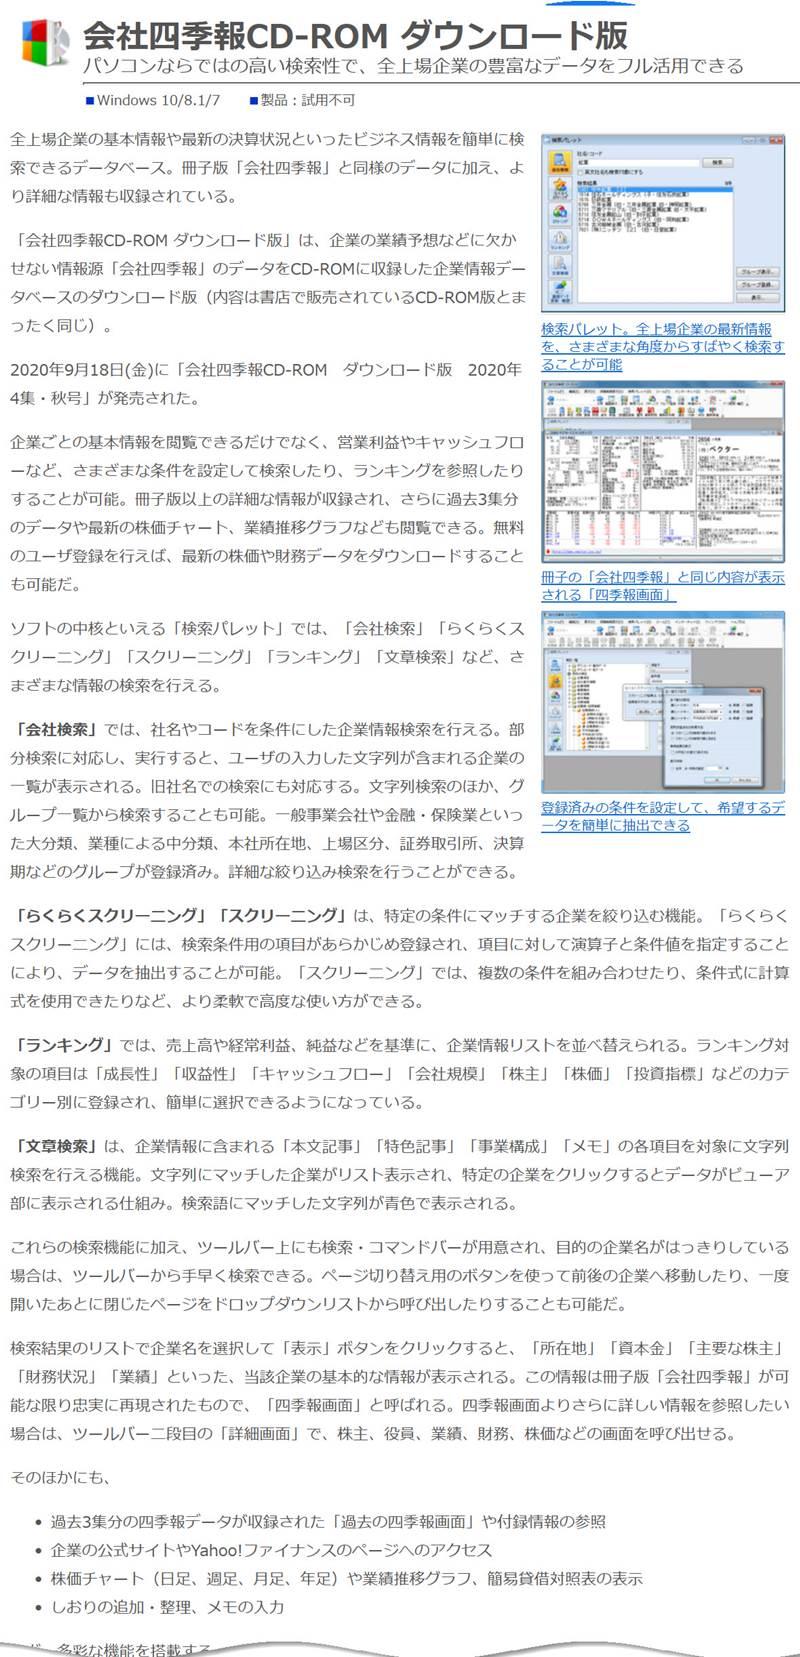 会社四季報CD-ROM ダウンロード版 2020年4集・秋号